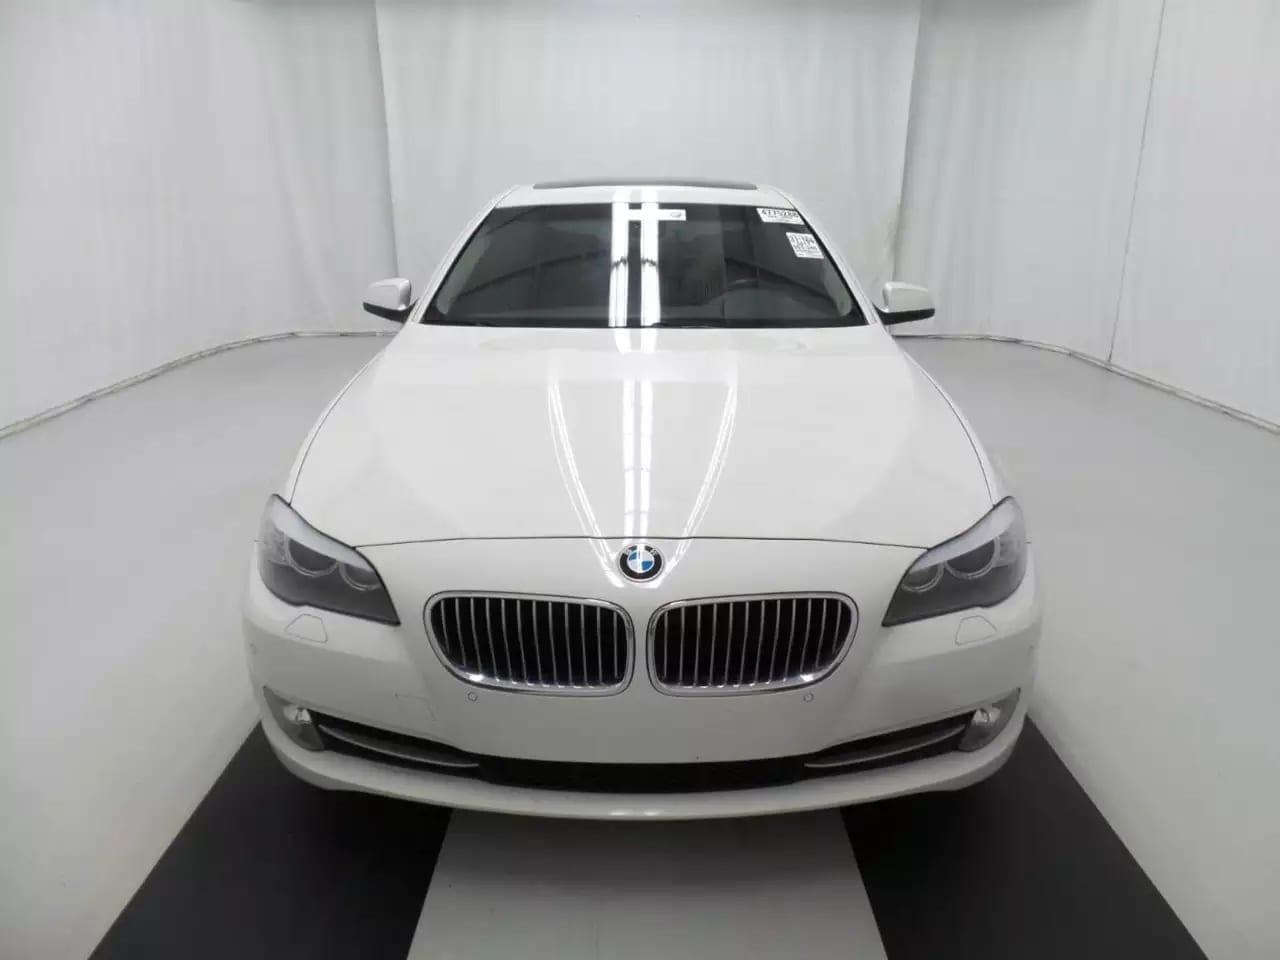 开二手车行ptt 2011 BMW 535ix,豪华典范,正统五系 还可以改装M套件